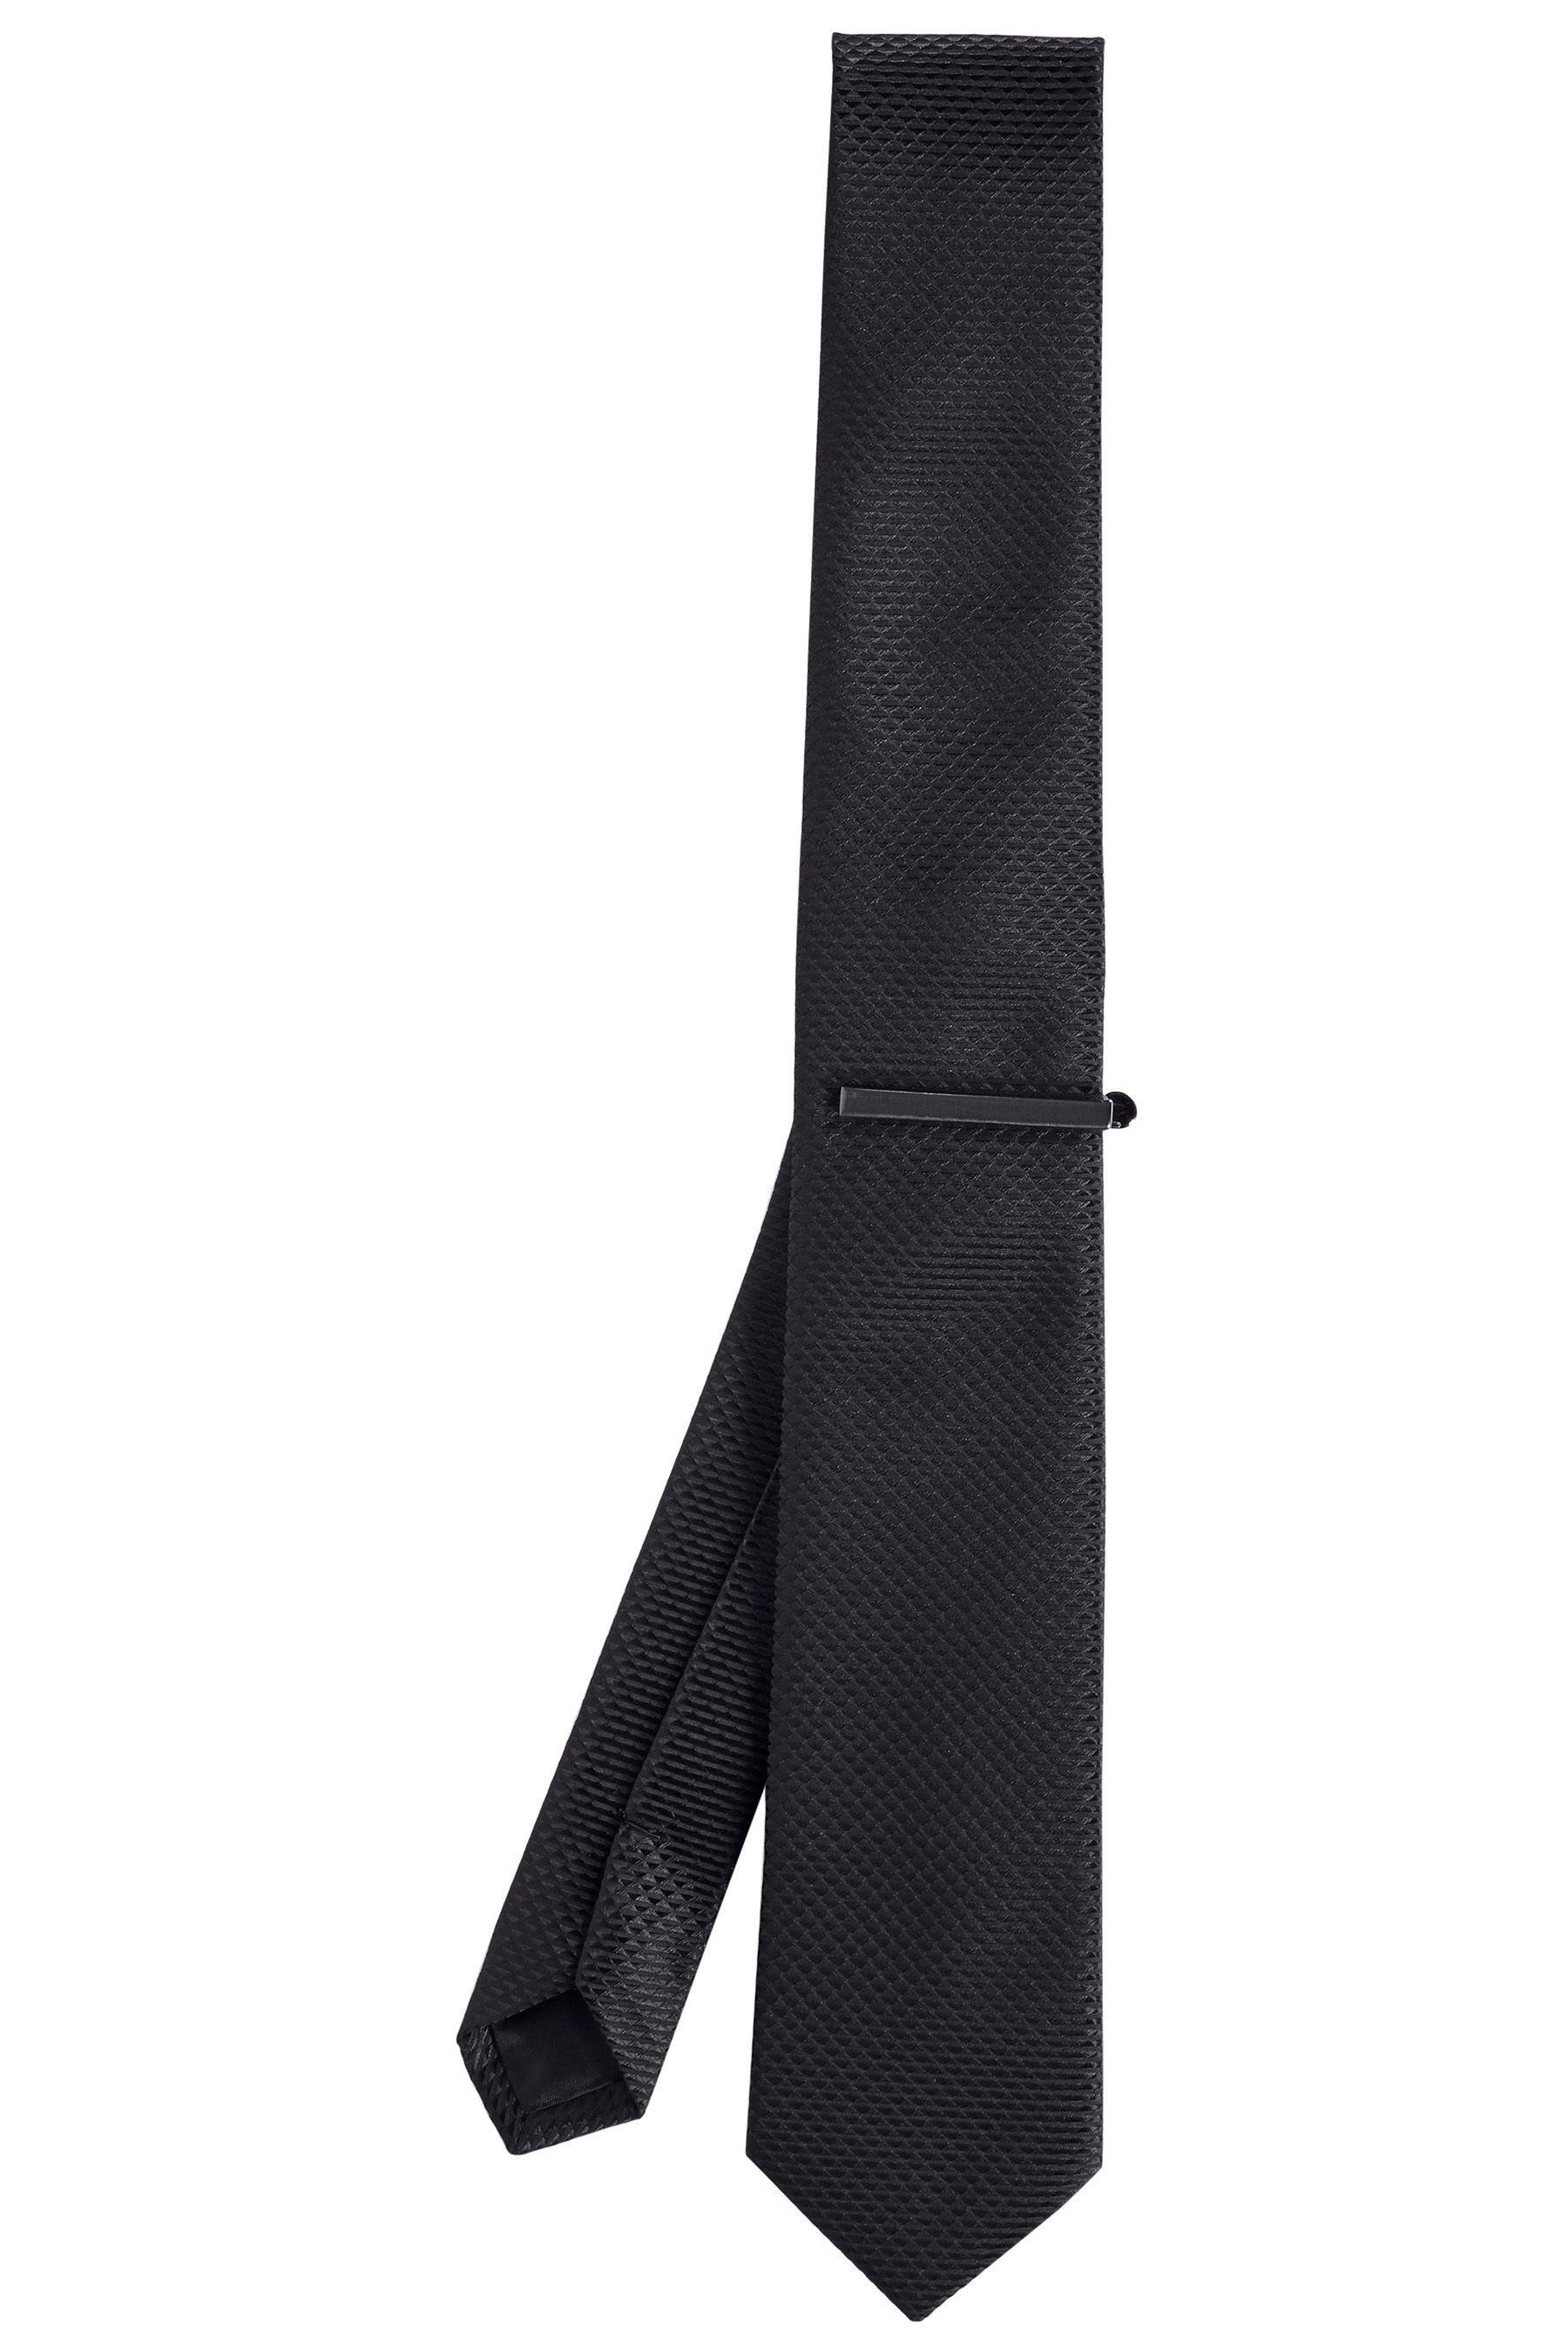 Next Strukturierte Krawatte und Krawattenklammer 2 teilig